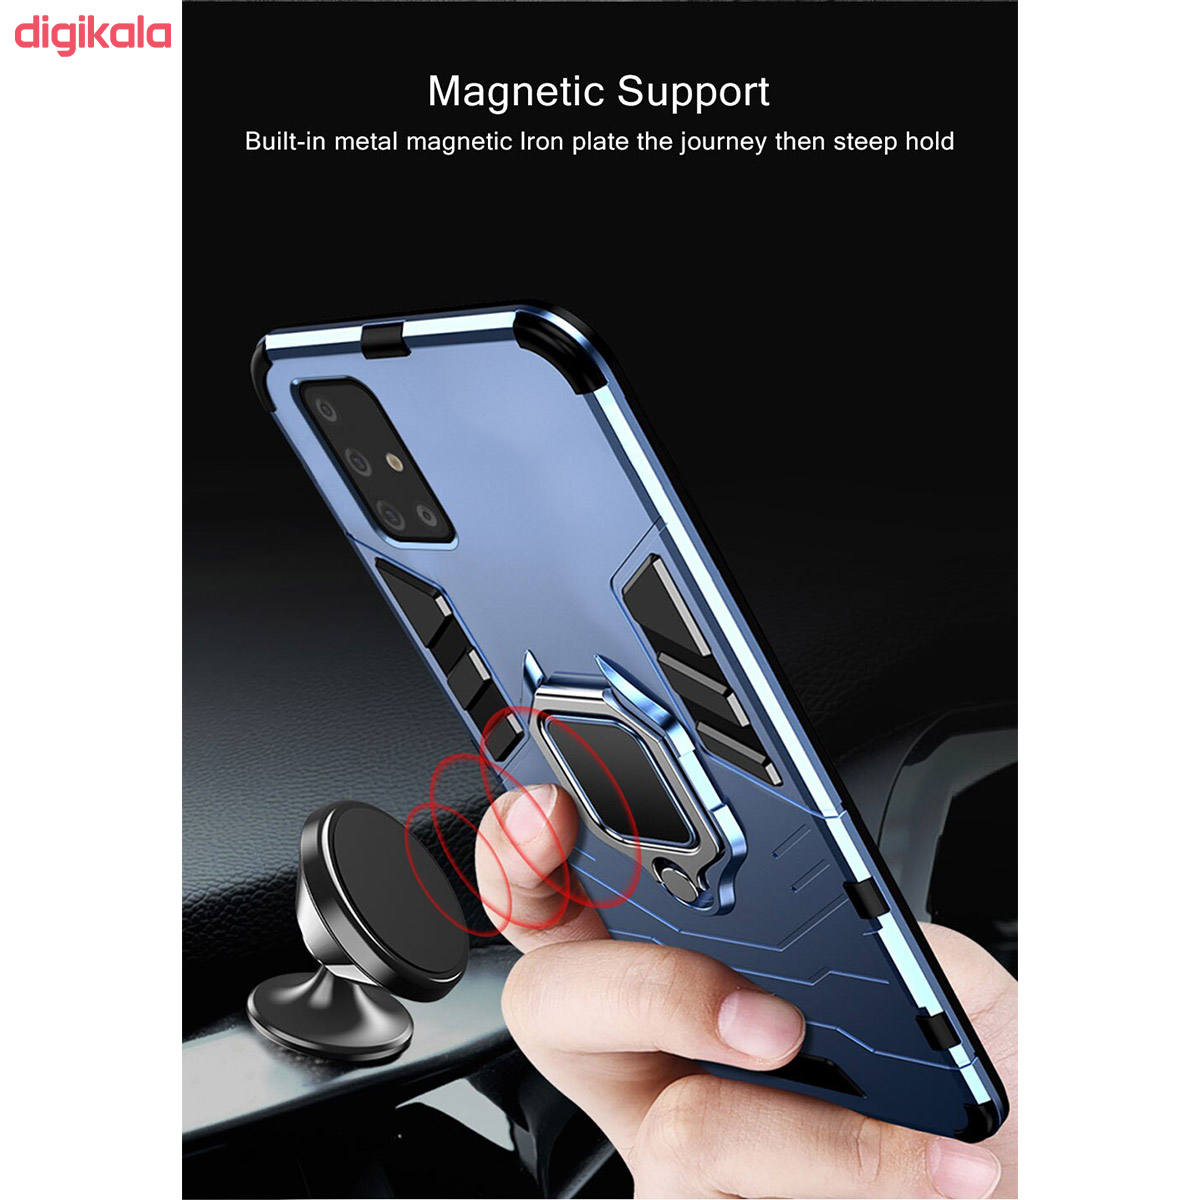 کاور سامورایی مدل ARC-2020 مناسب برای گوشی موبایل سامسونگ Galaxy A71 main 1 11